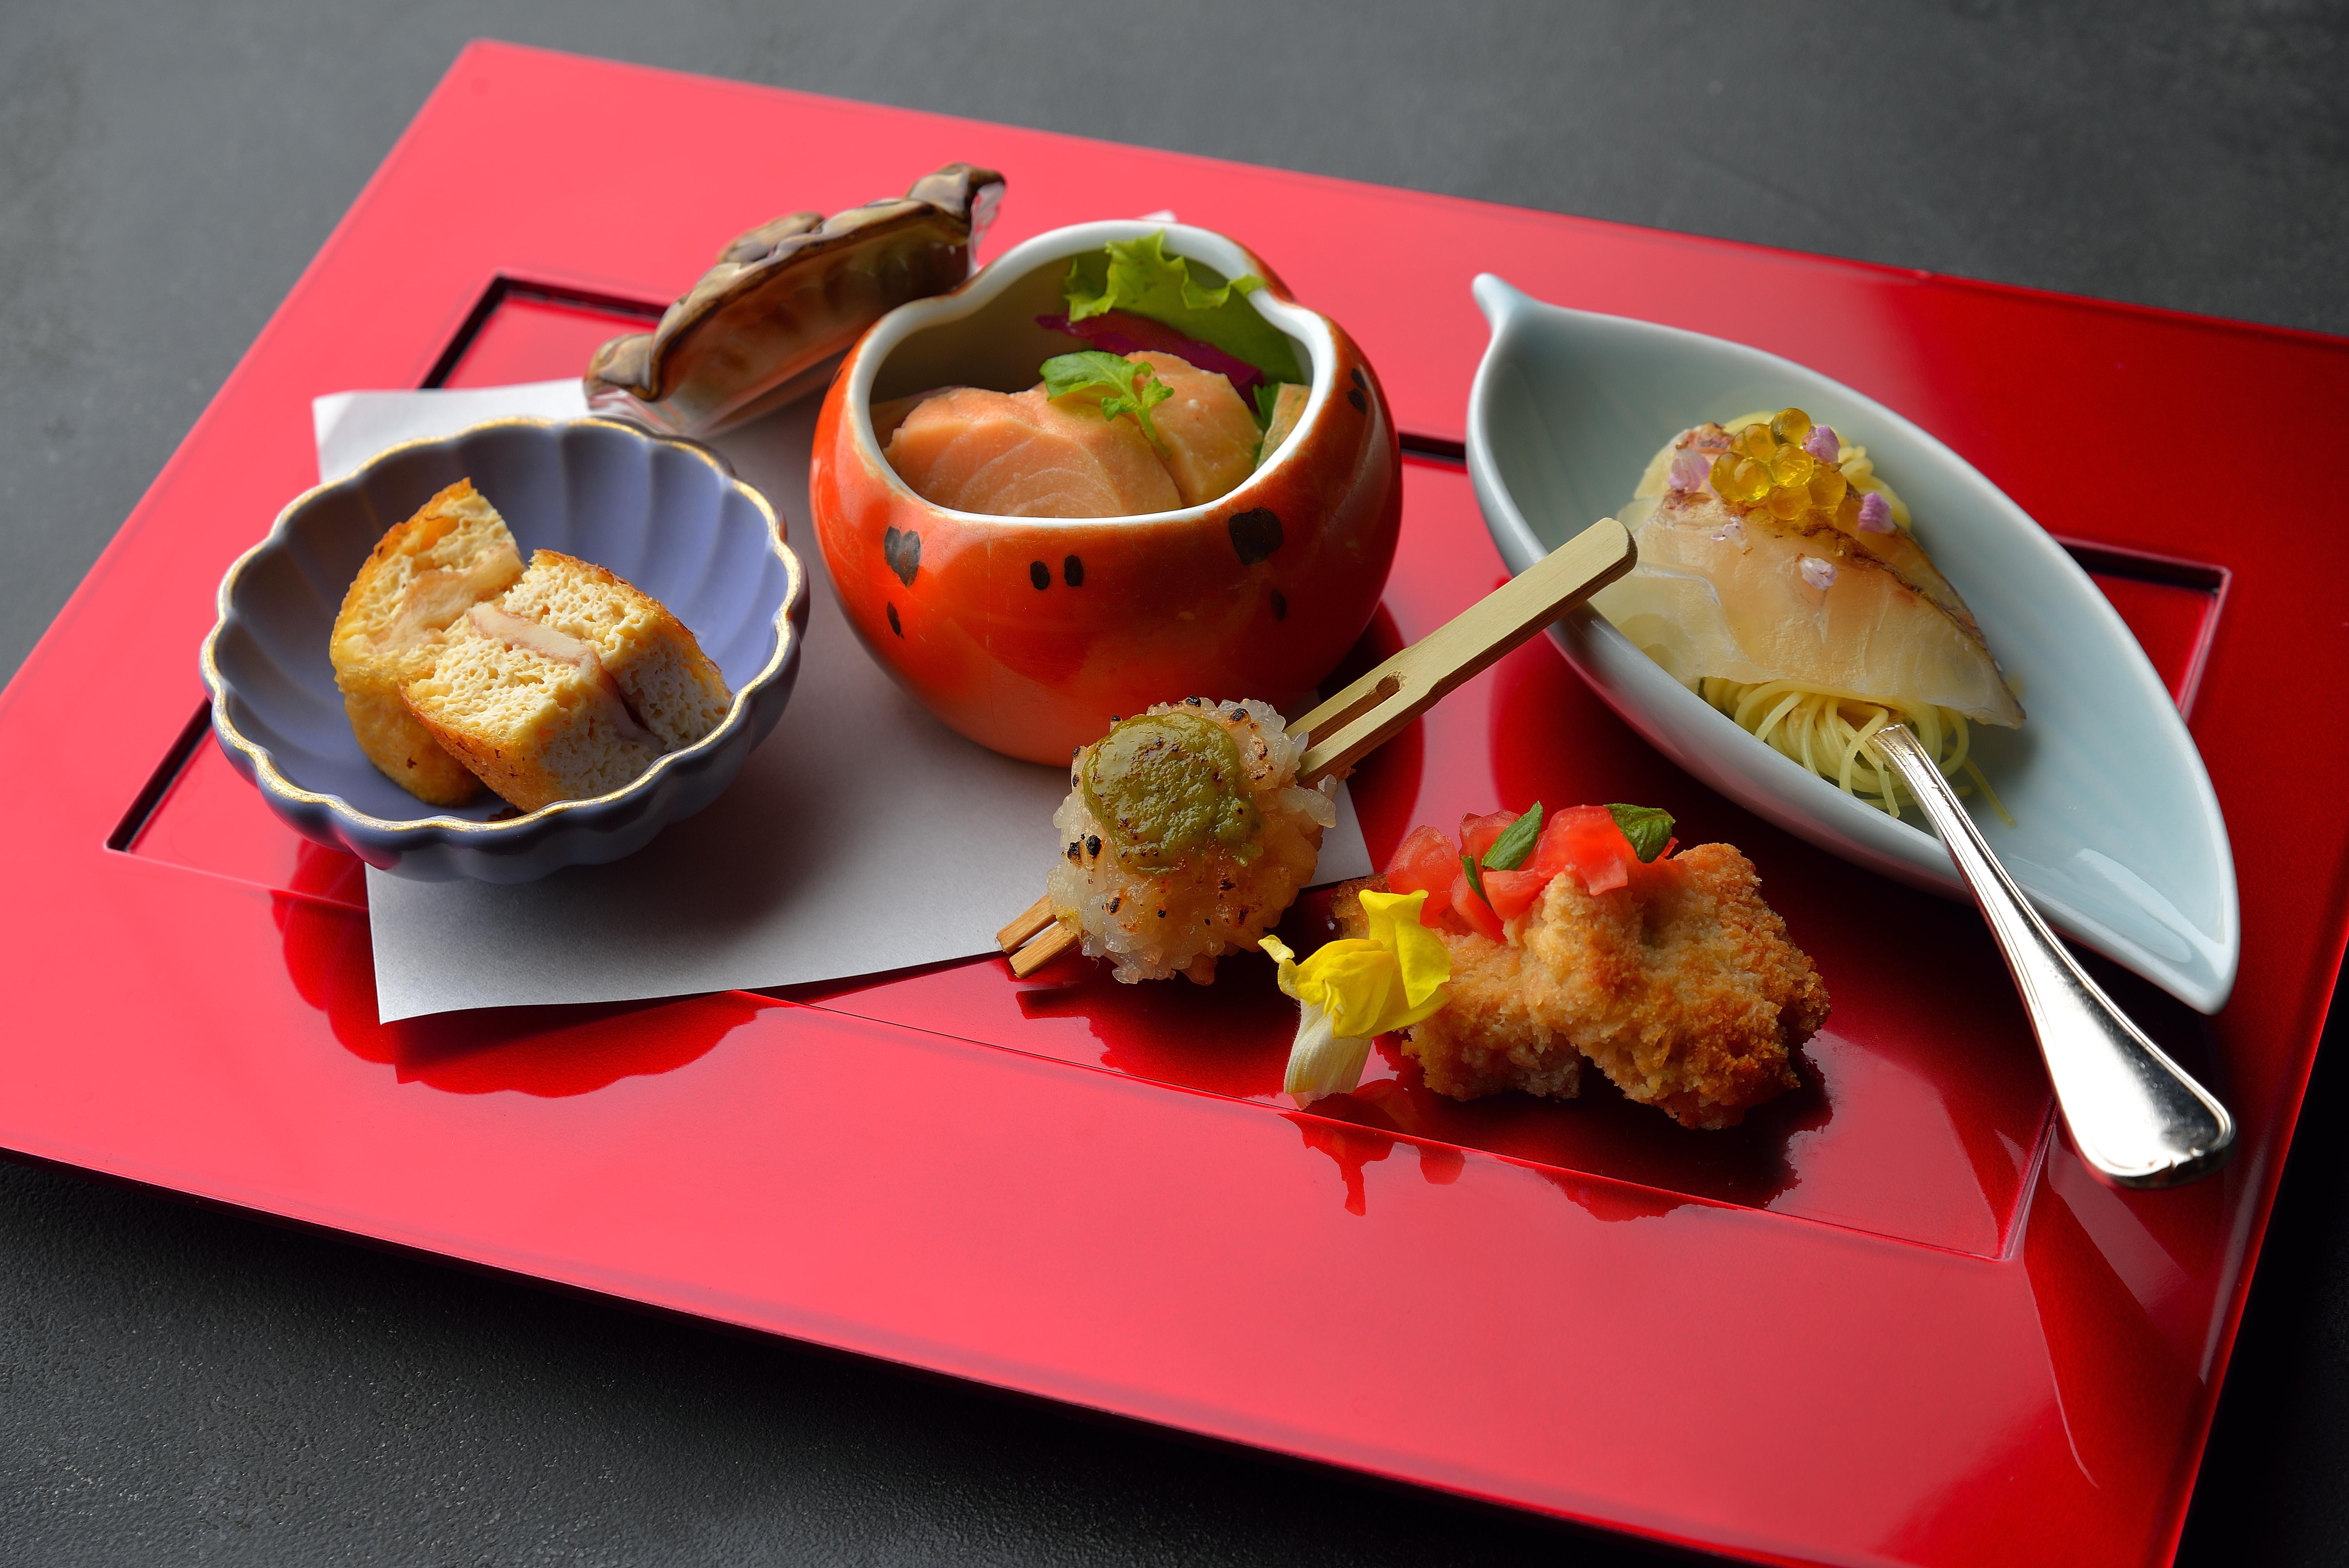 ホテル椿山荘東京×久保田が送る、一夜限りの和と伊のペアリングディナー